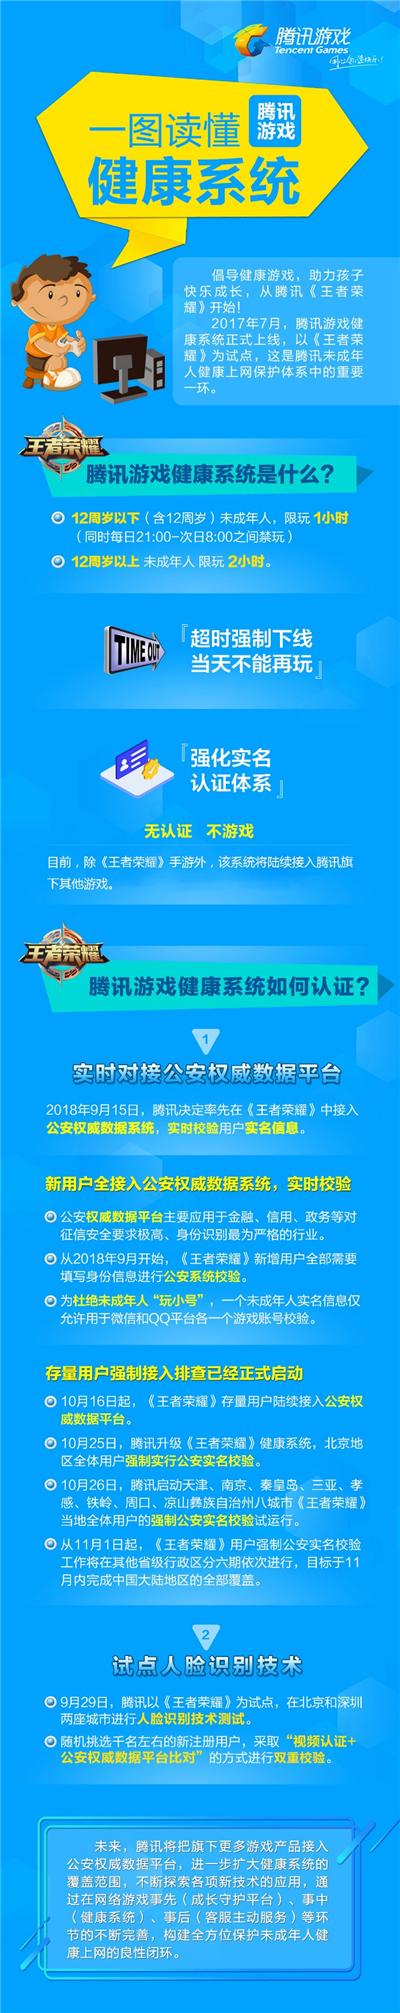 腾讯发布公告:自王者荣耀后腾讯全线游戏将启用健康系统